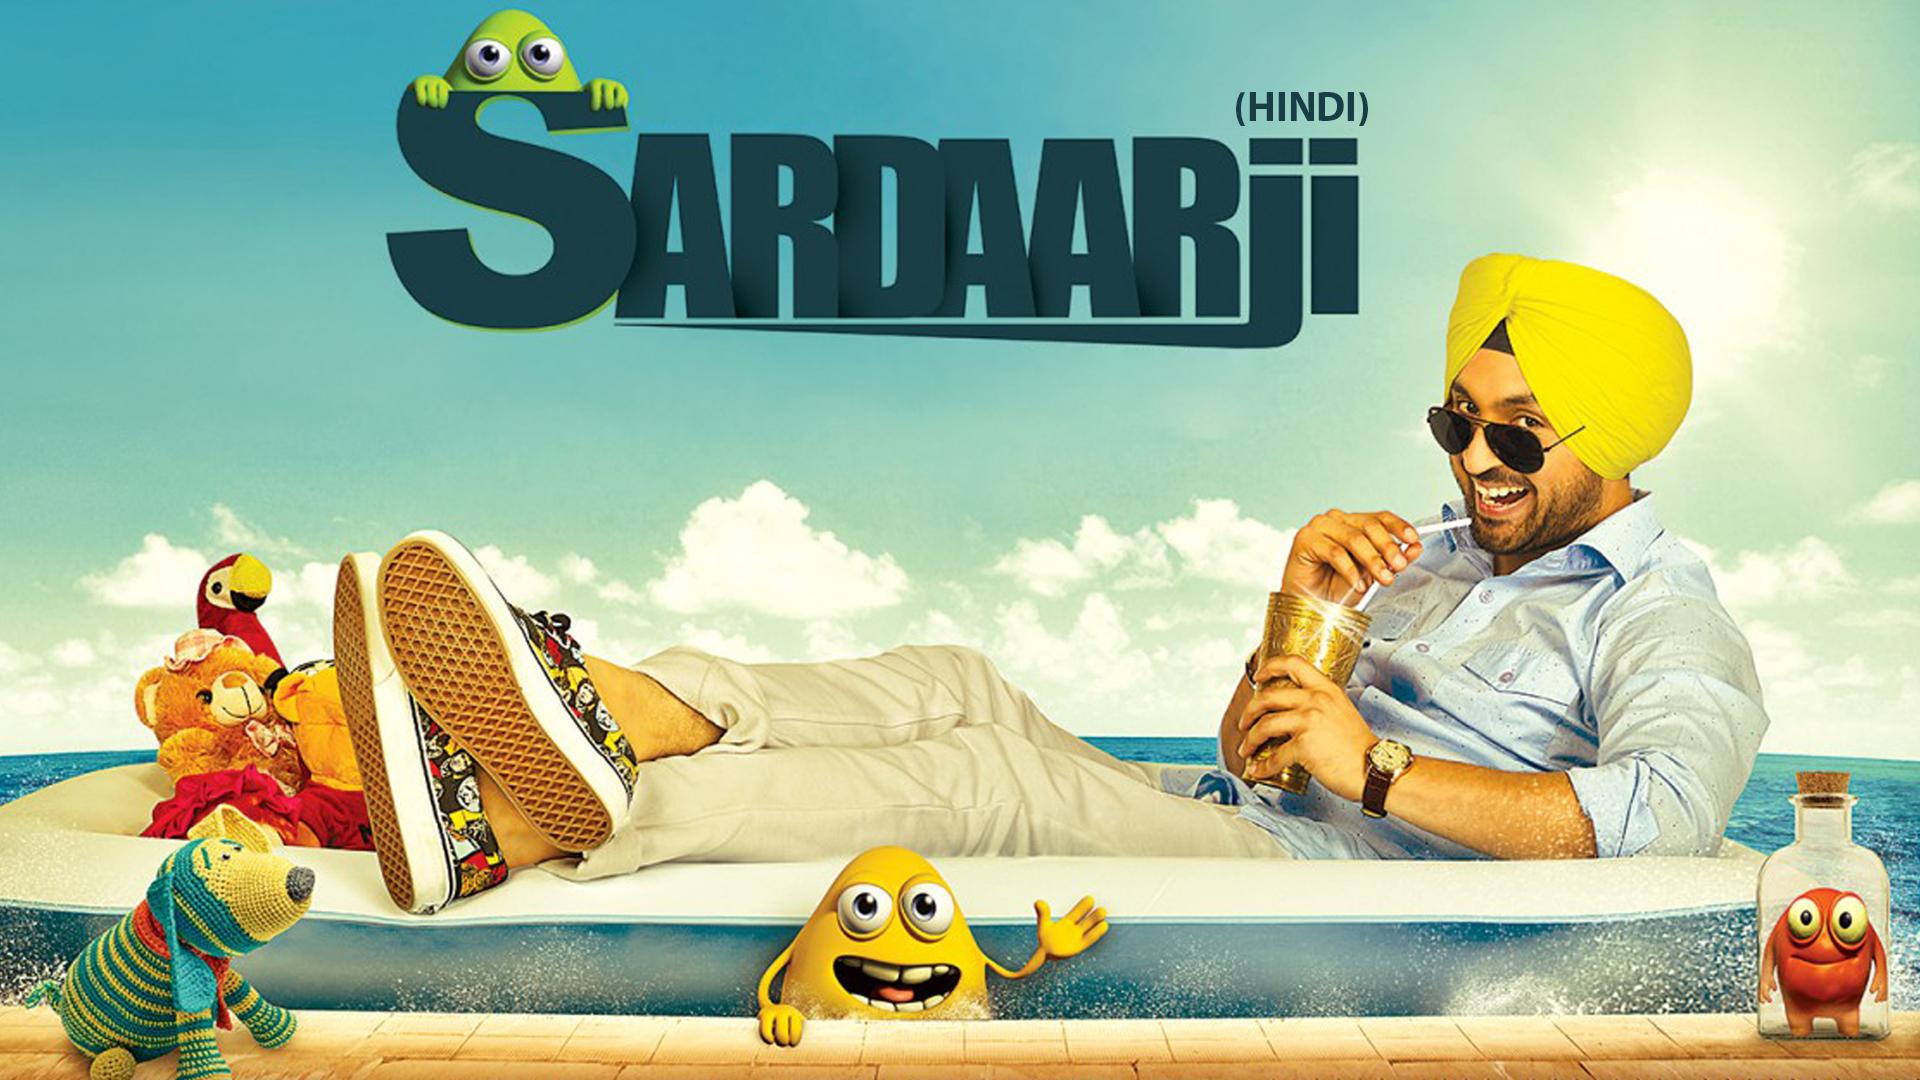 Sardaar ji (Hindi)